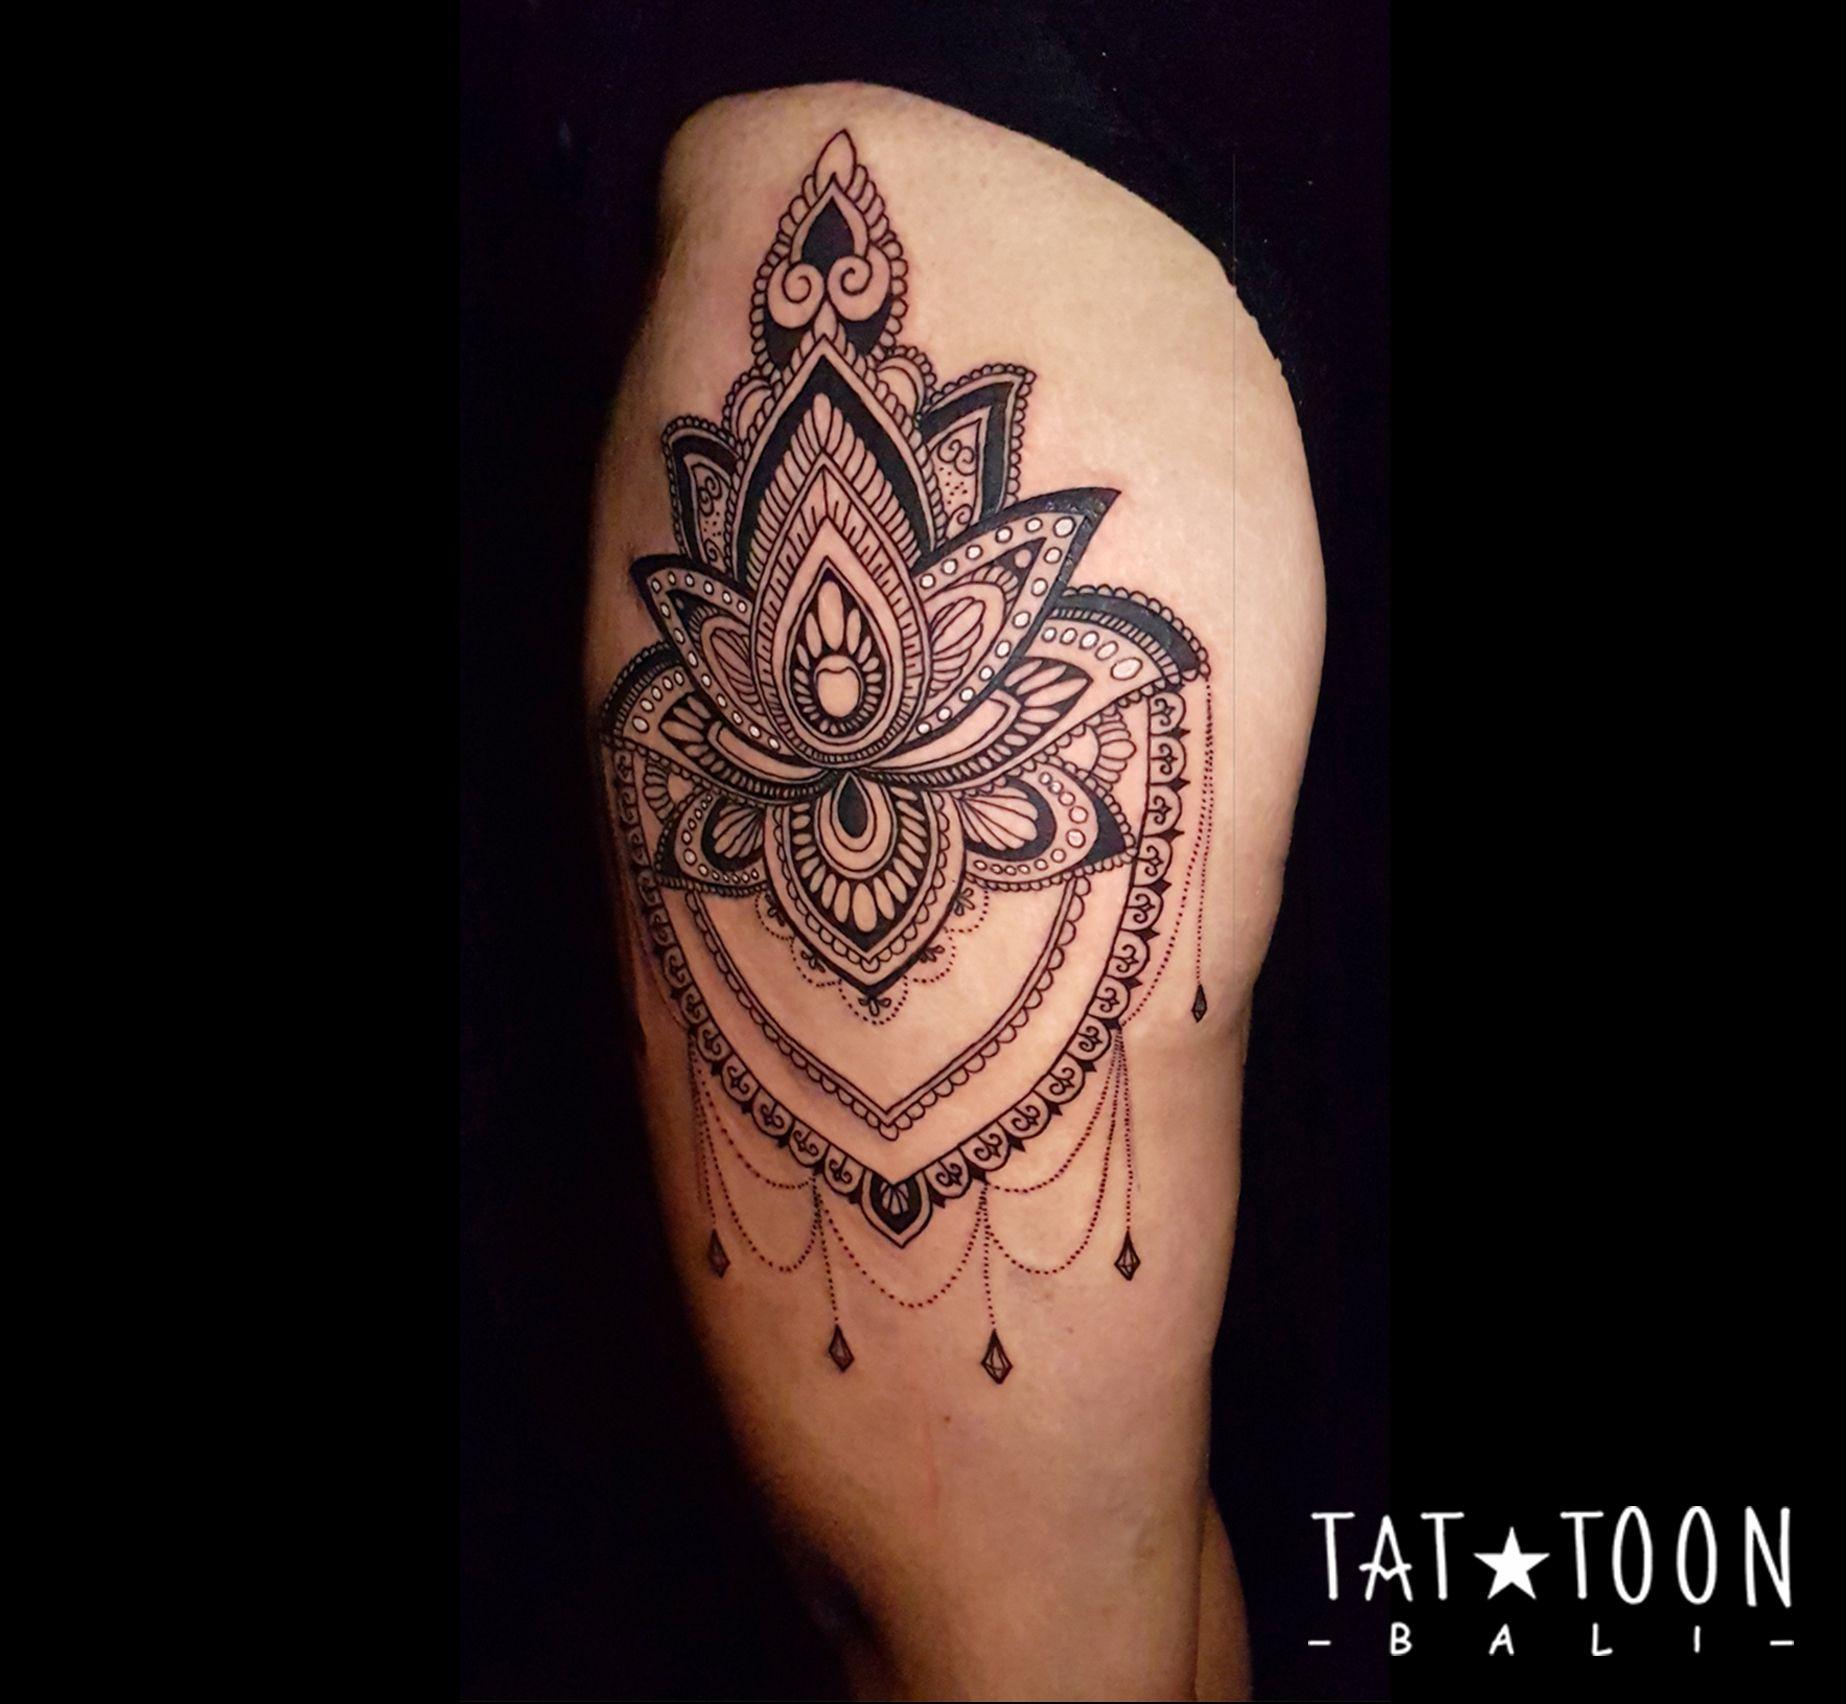 Tattoo Mandala Tattoon Bali